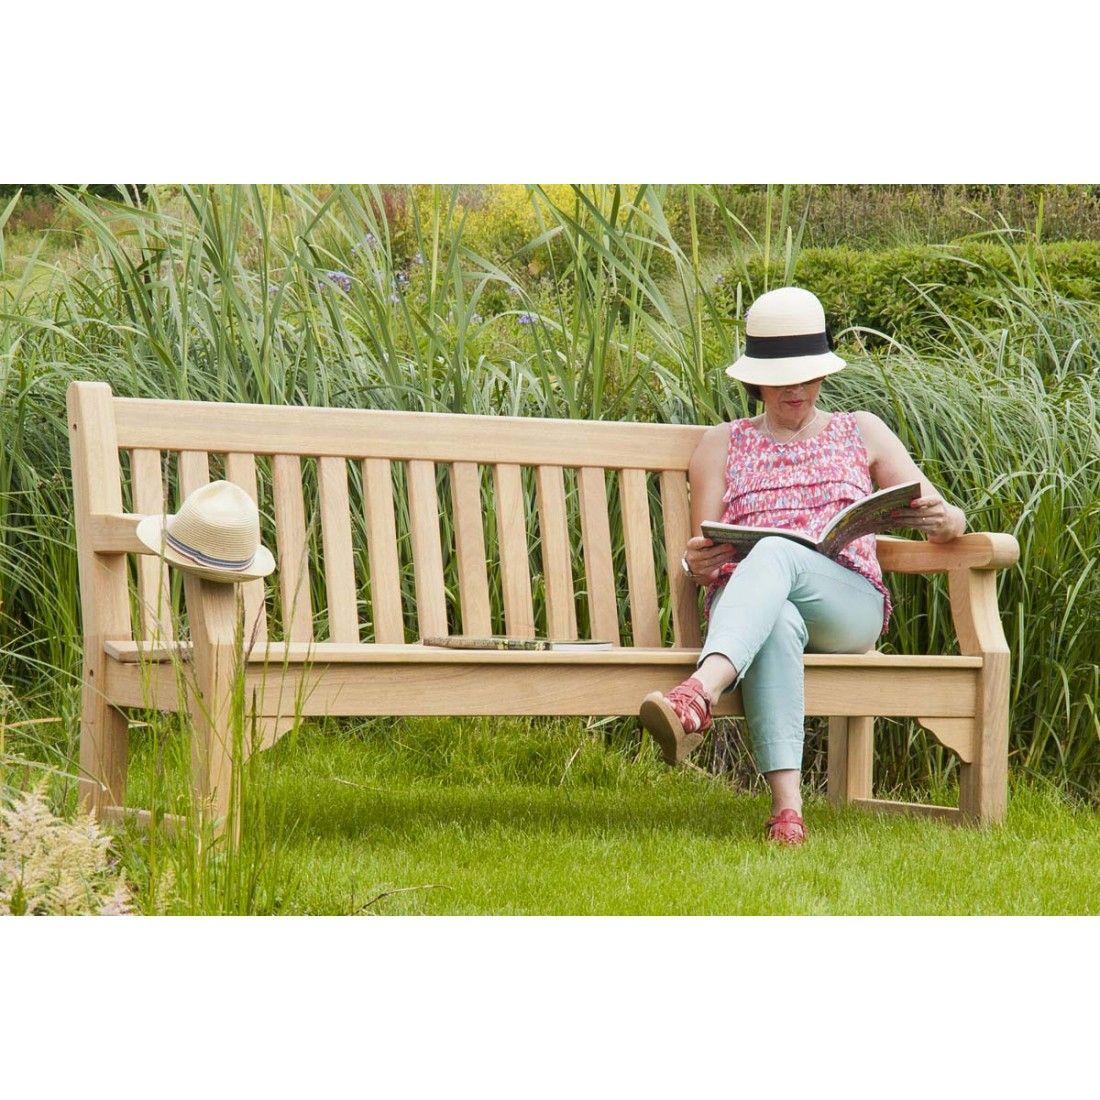 Banc de jardin en roble, 244 cm, Royal Park